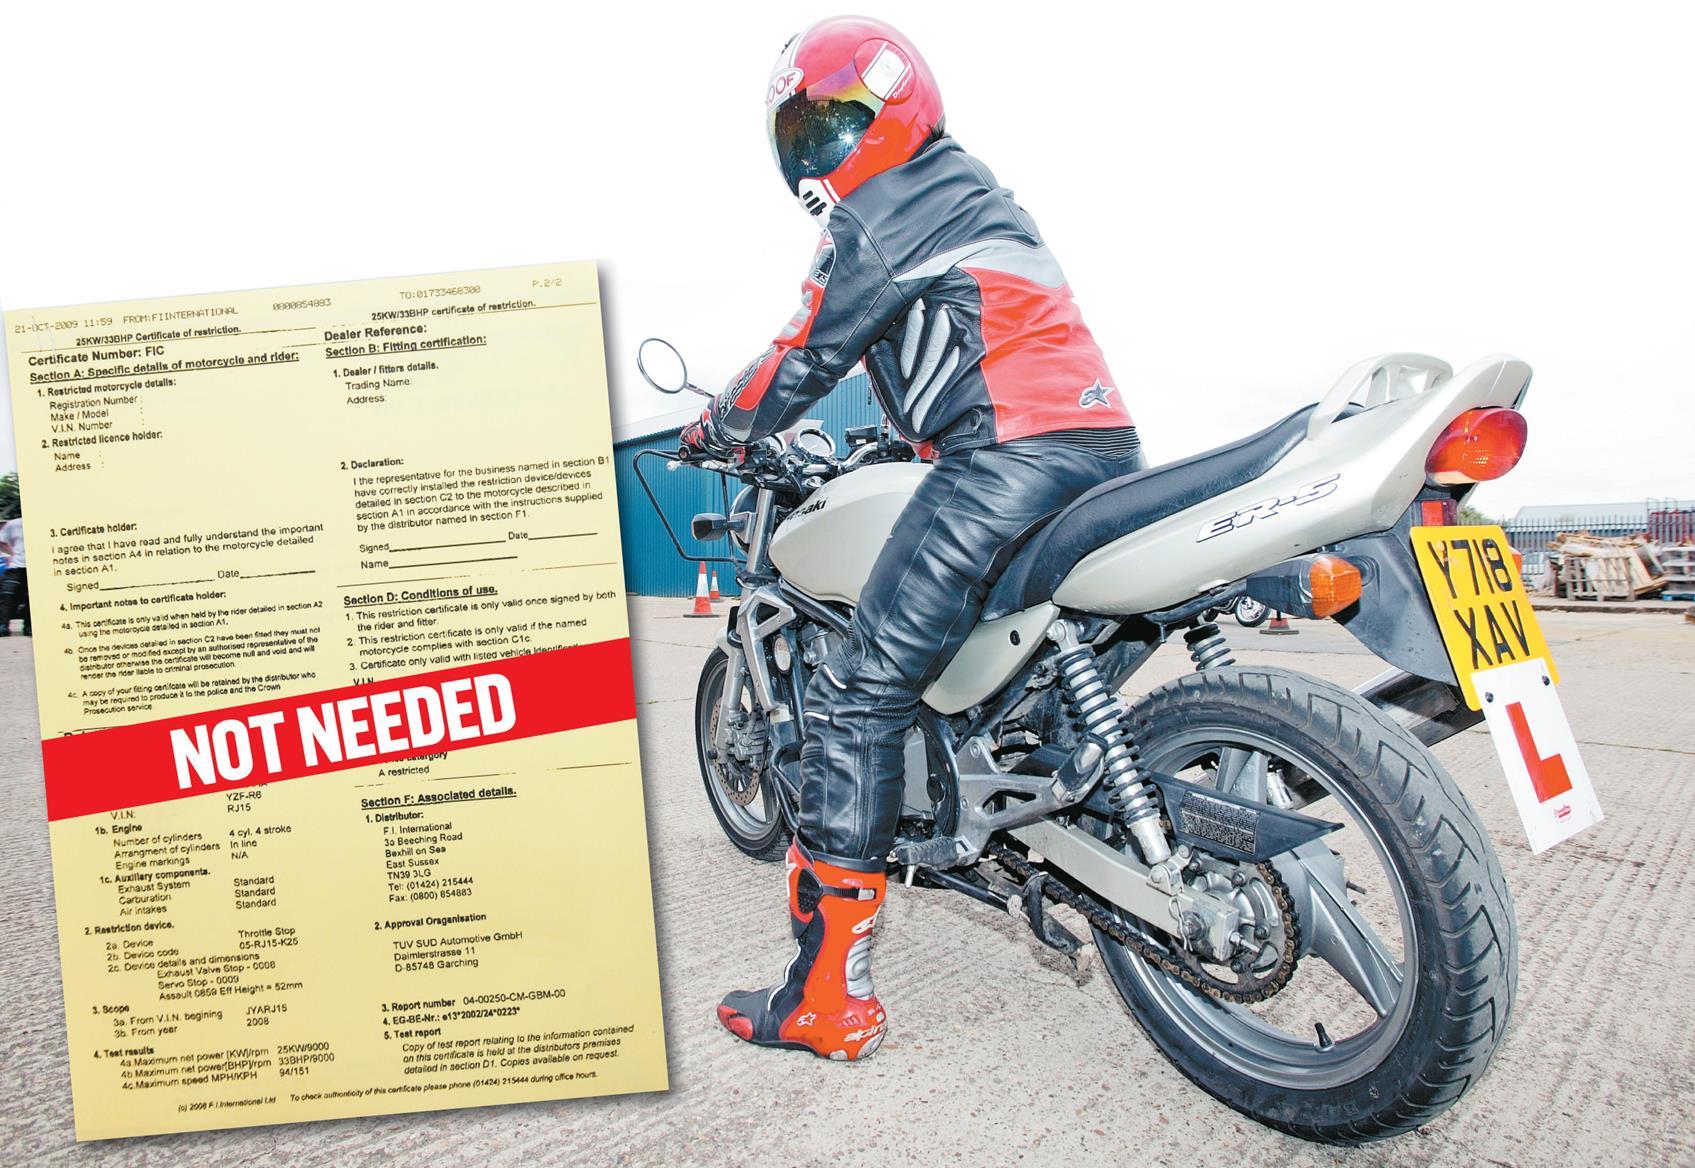 Kawasaki uk dating certificate